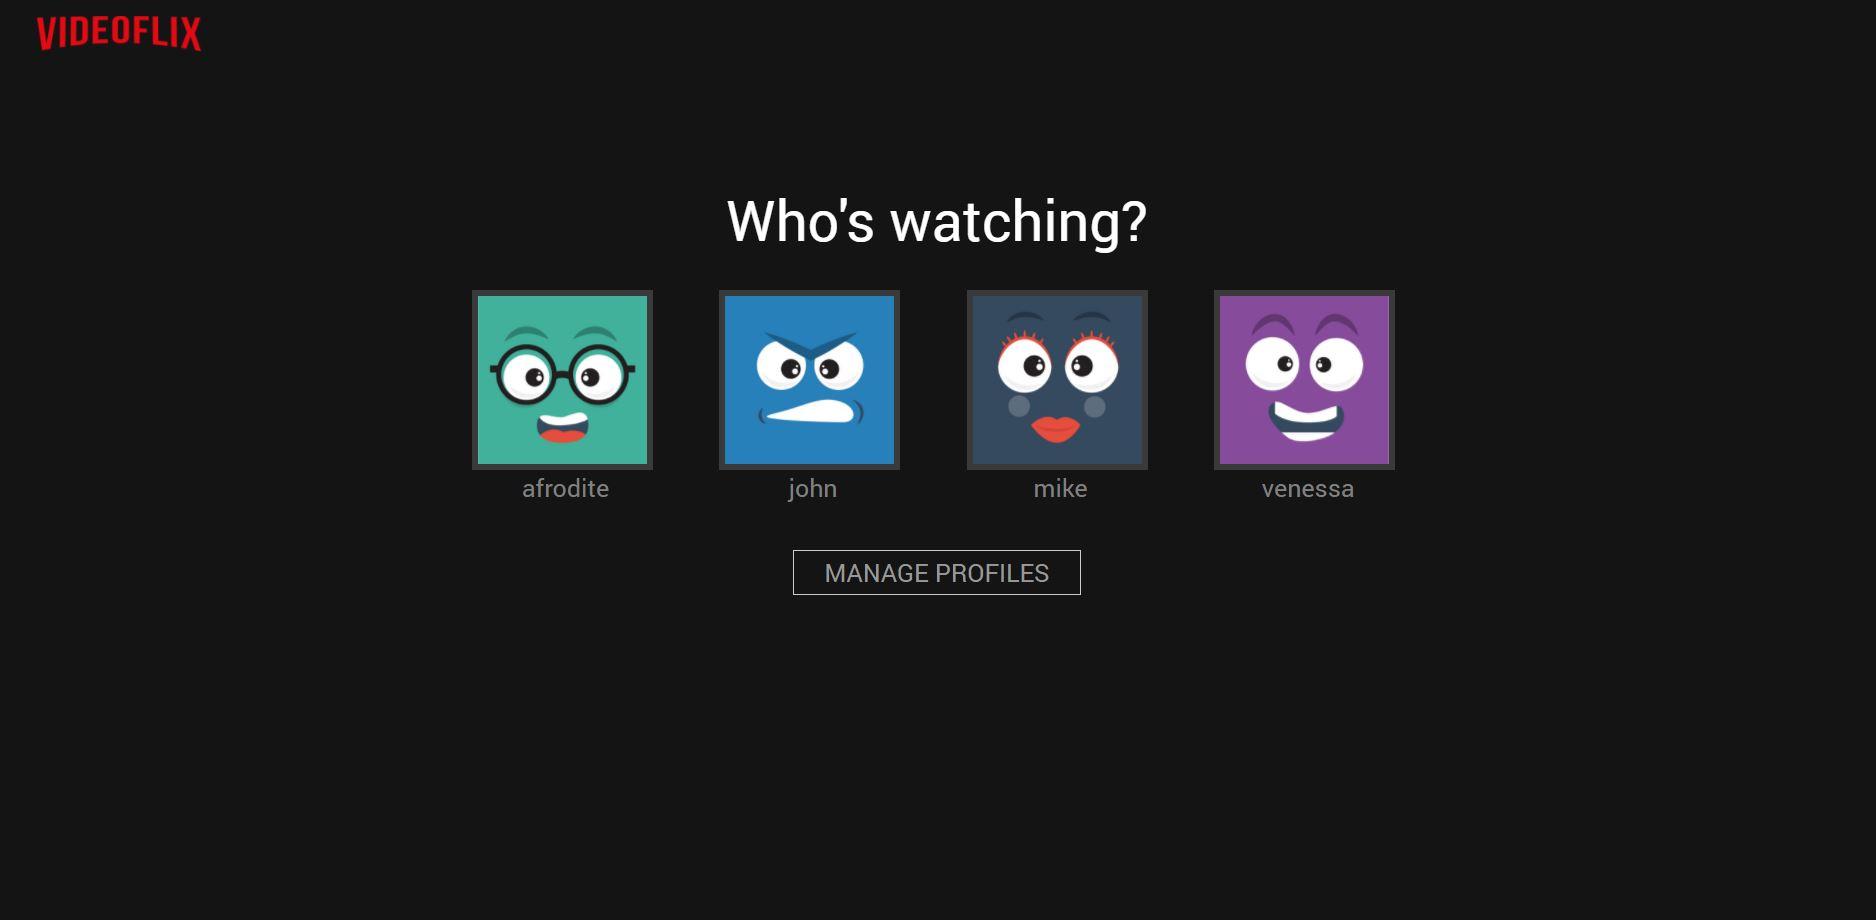 Videoflix - Crea tu clon de Netflix 5